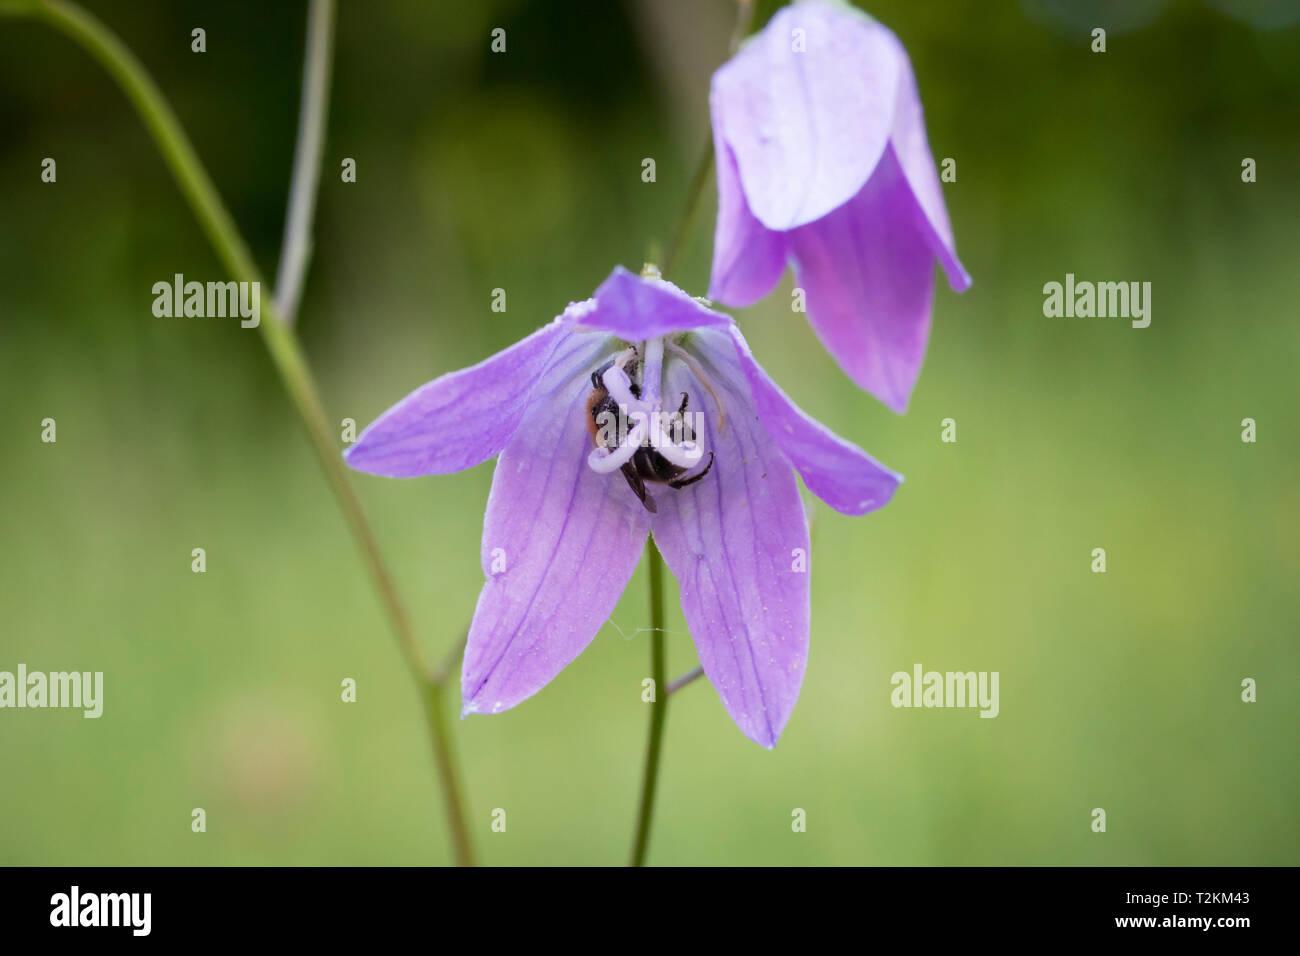 Wildbiene in Glockenblume, Wild bee in bellflower - Stock Image